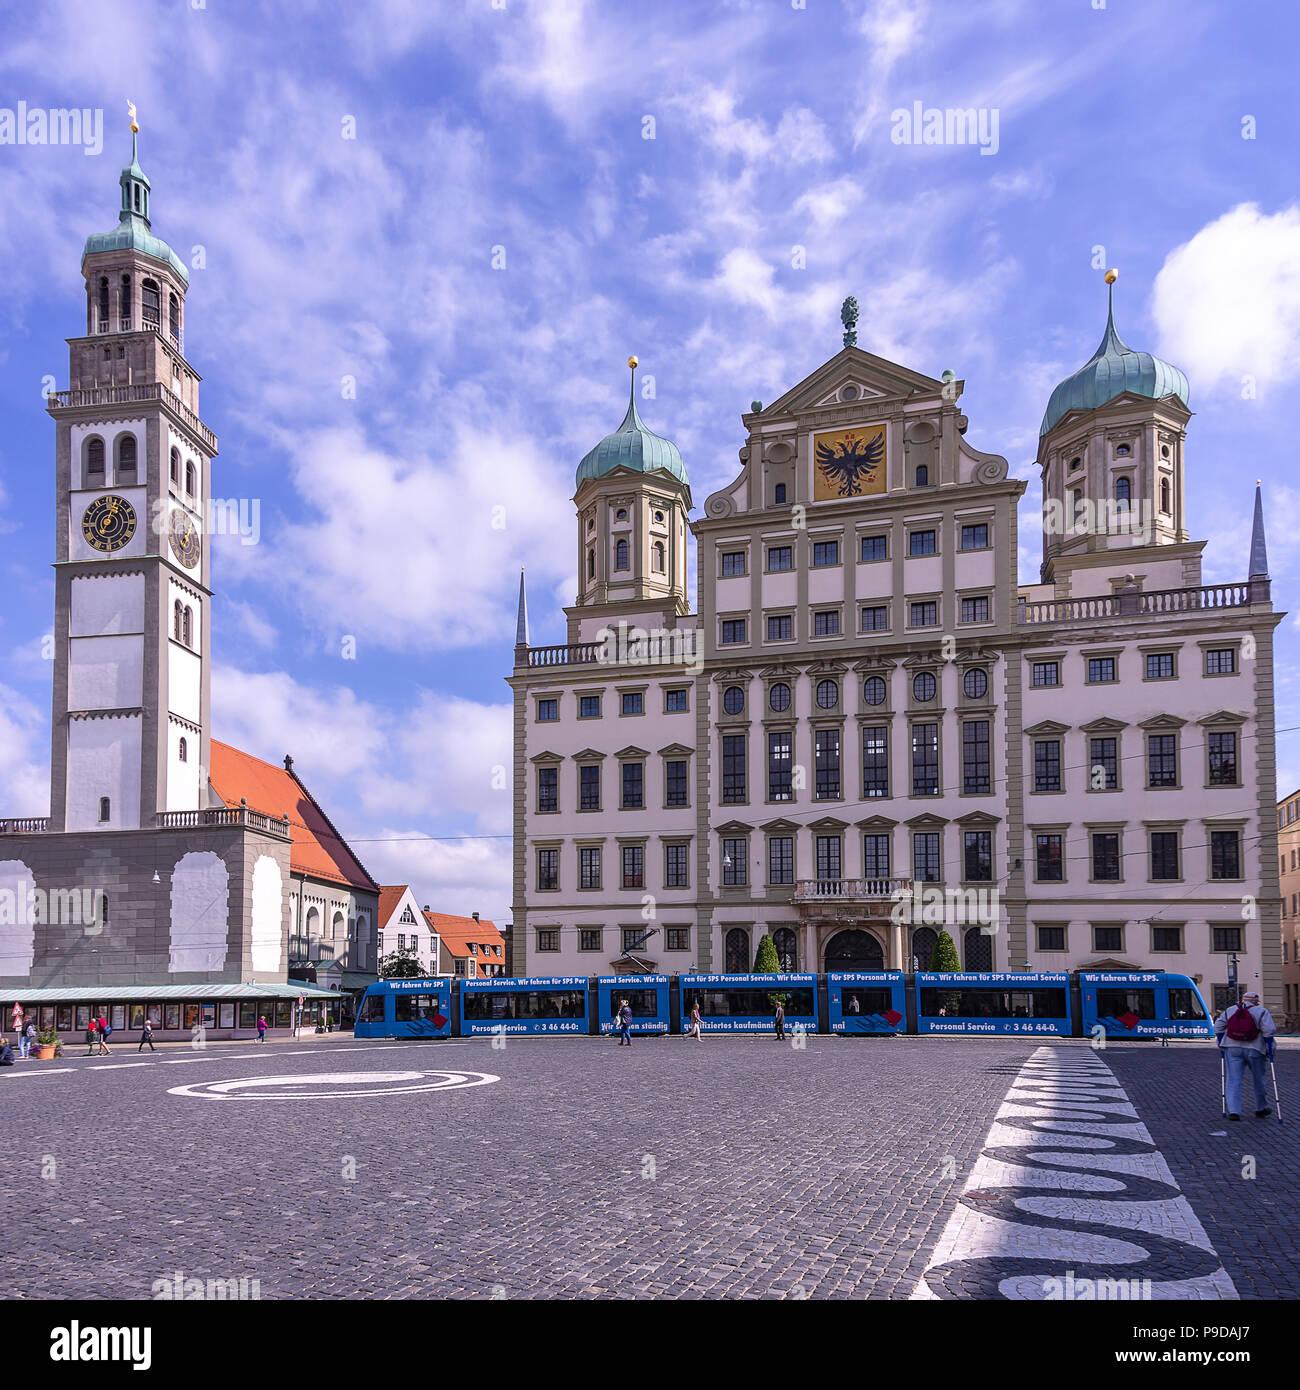 Augsburg, Bayern, Deutschland - dem historischen Rathaus und dem Perlach Turm auf dem Stadtplatz. Stockfoto